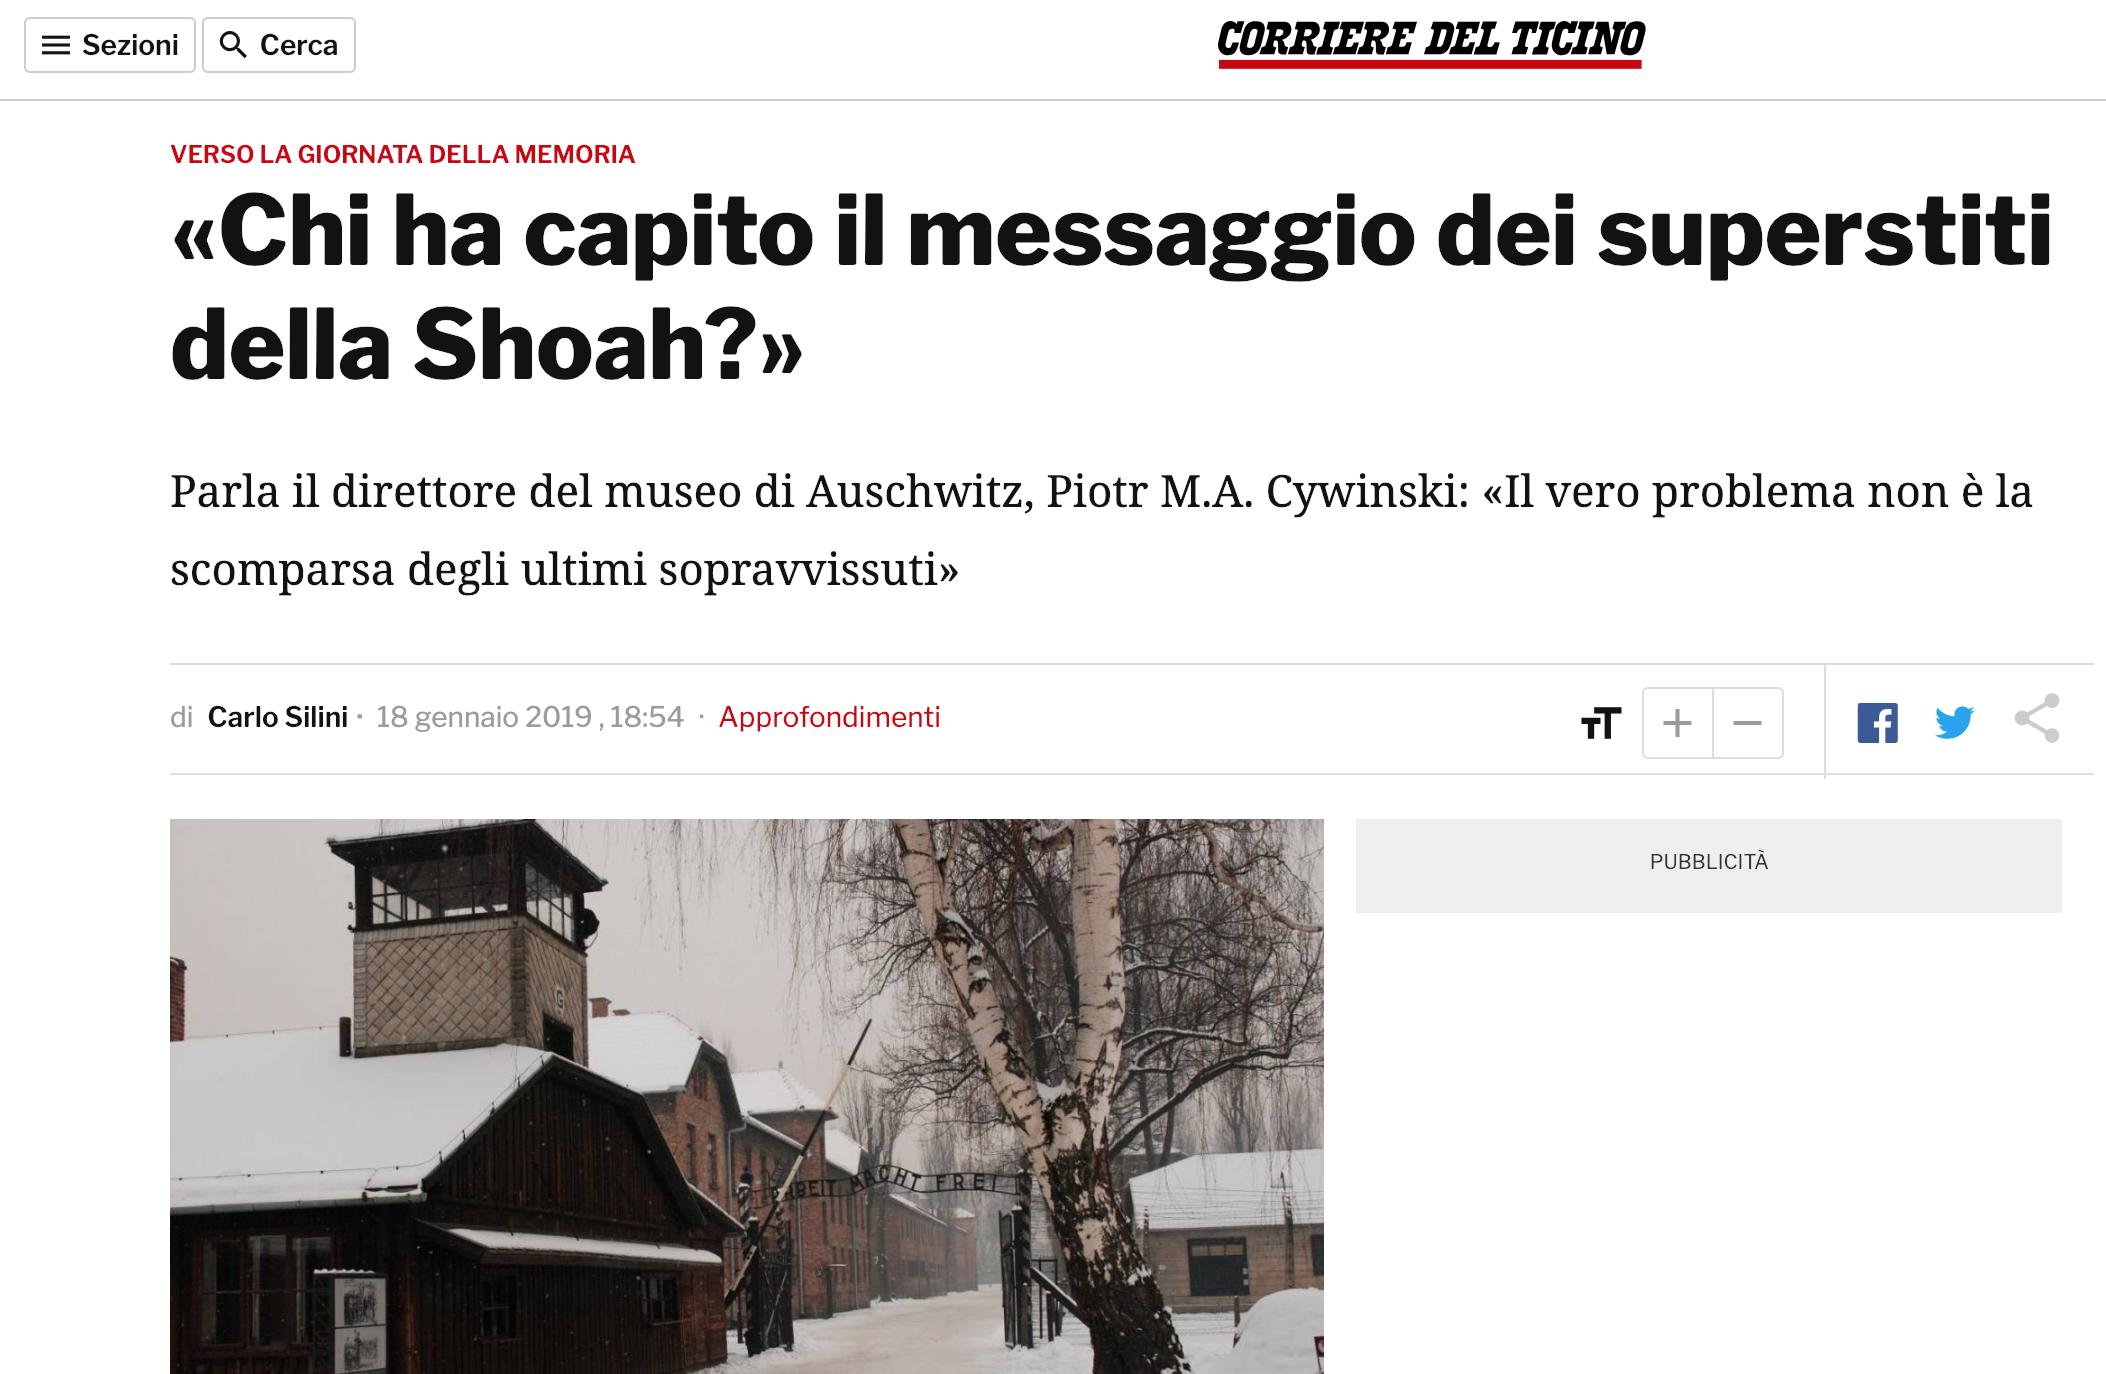 18.01.19 - Corriere del Ticino